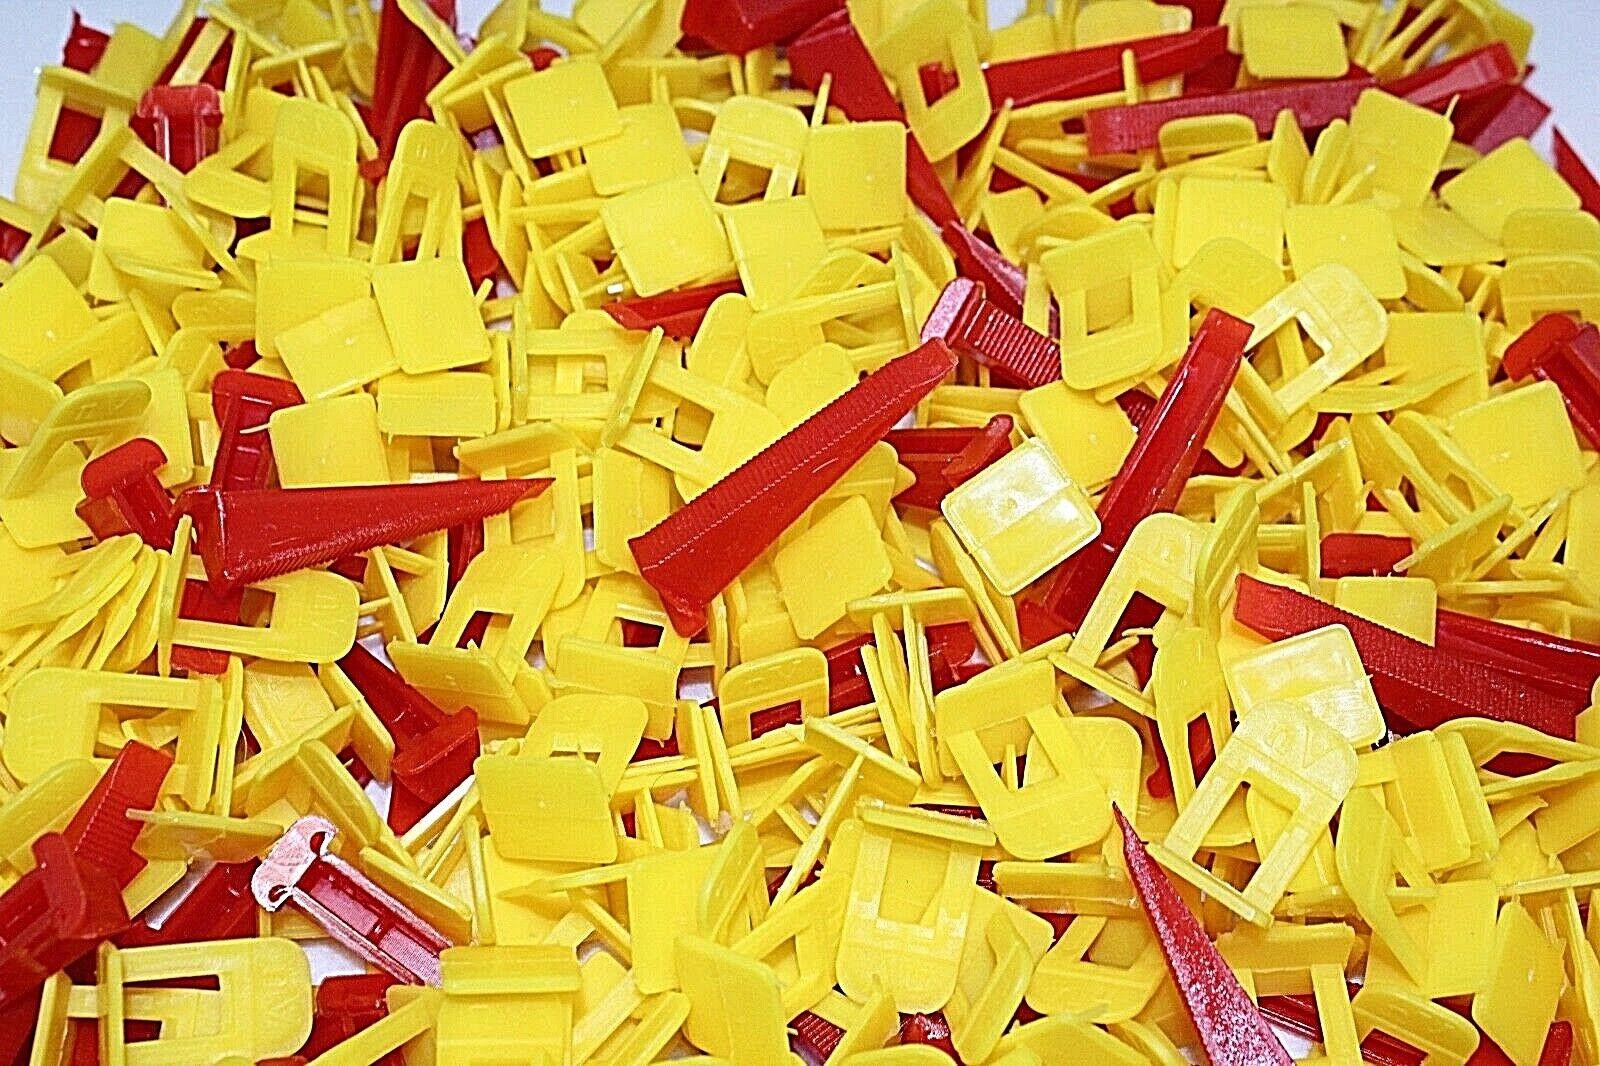 500 Laschen (2 mm) + 200 Keile + + + Zange, Fliesen Nivelliersystem, Verlegehilfe | Hohe Qualität und geringer Aufwand  | Deutschland Shops  | Mittlere Kosten  2a194a